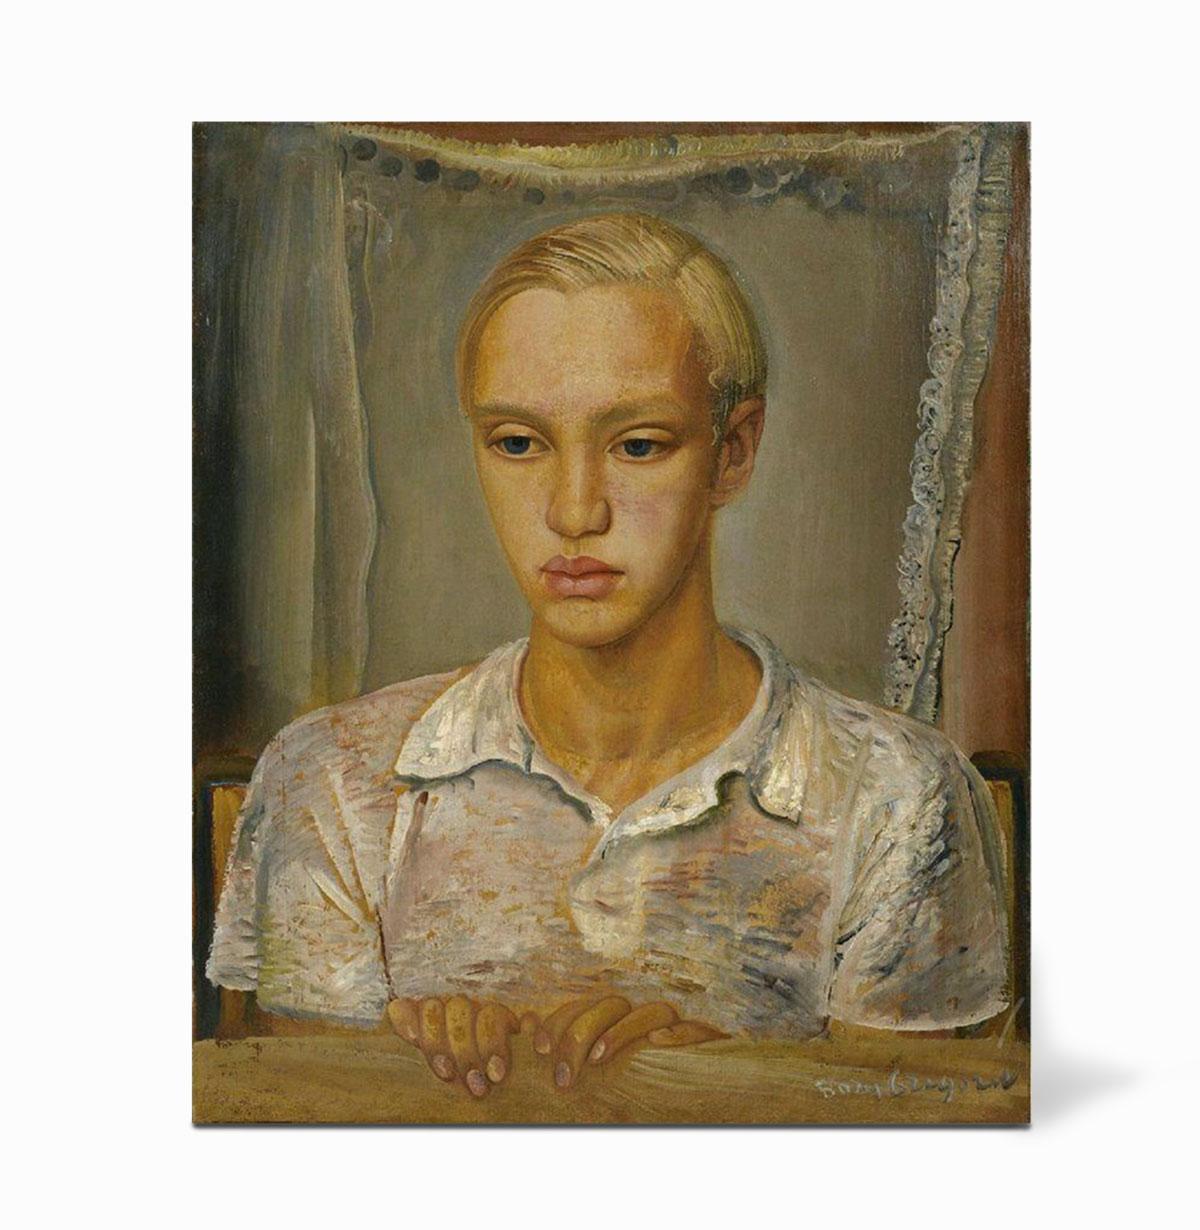 Cyrill Grigorieff fils du peintre russe Boris grigorieff, Peintres russes ayant peint sur la côte d'azur, tableau et dessin de maitre, artiste peintre.